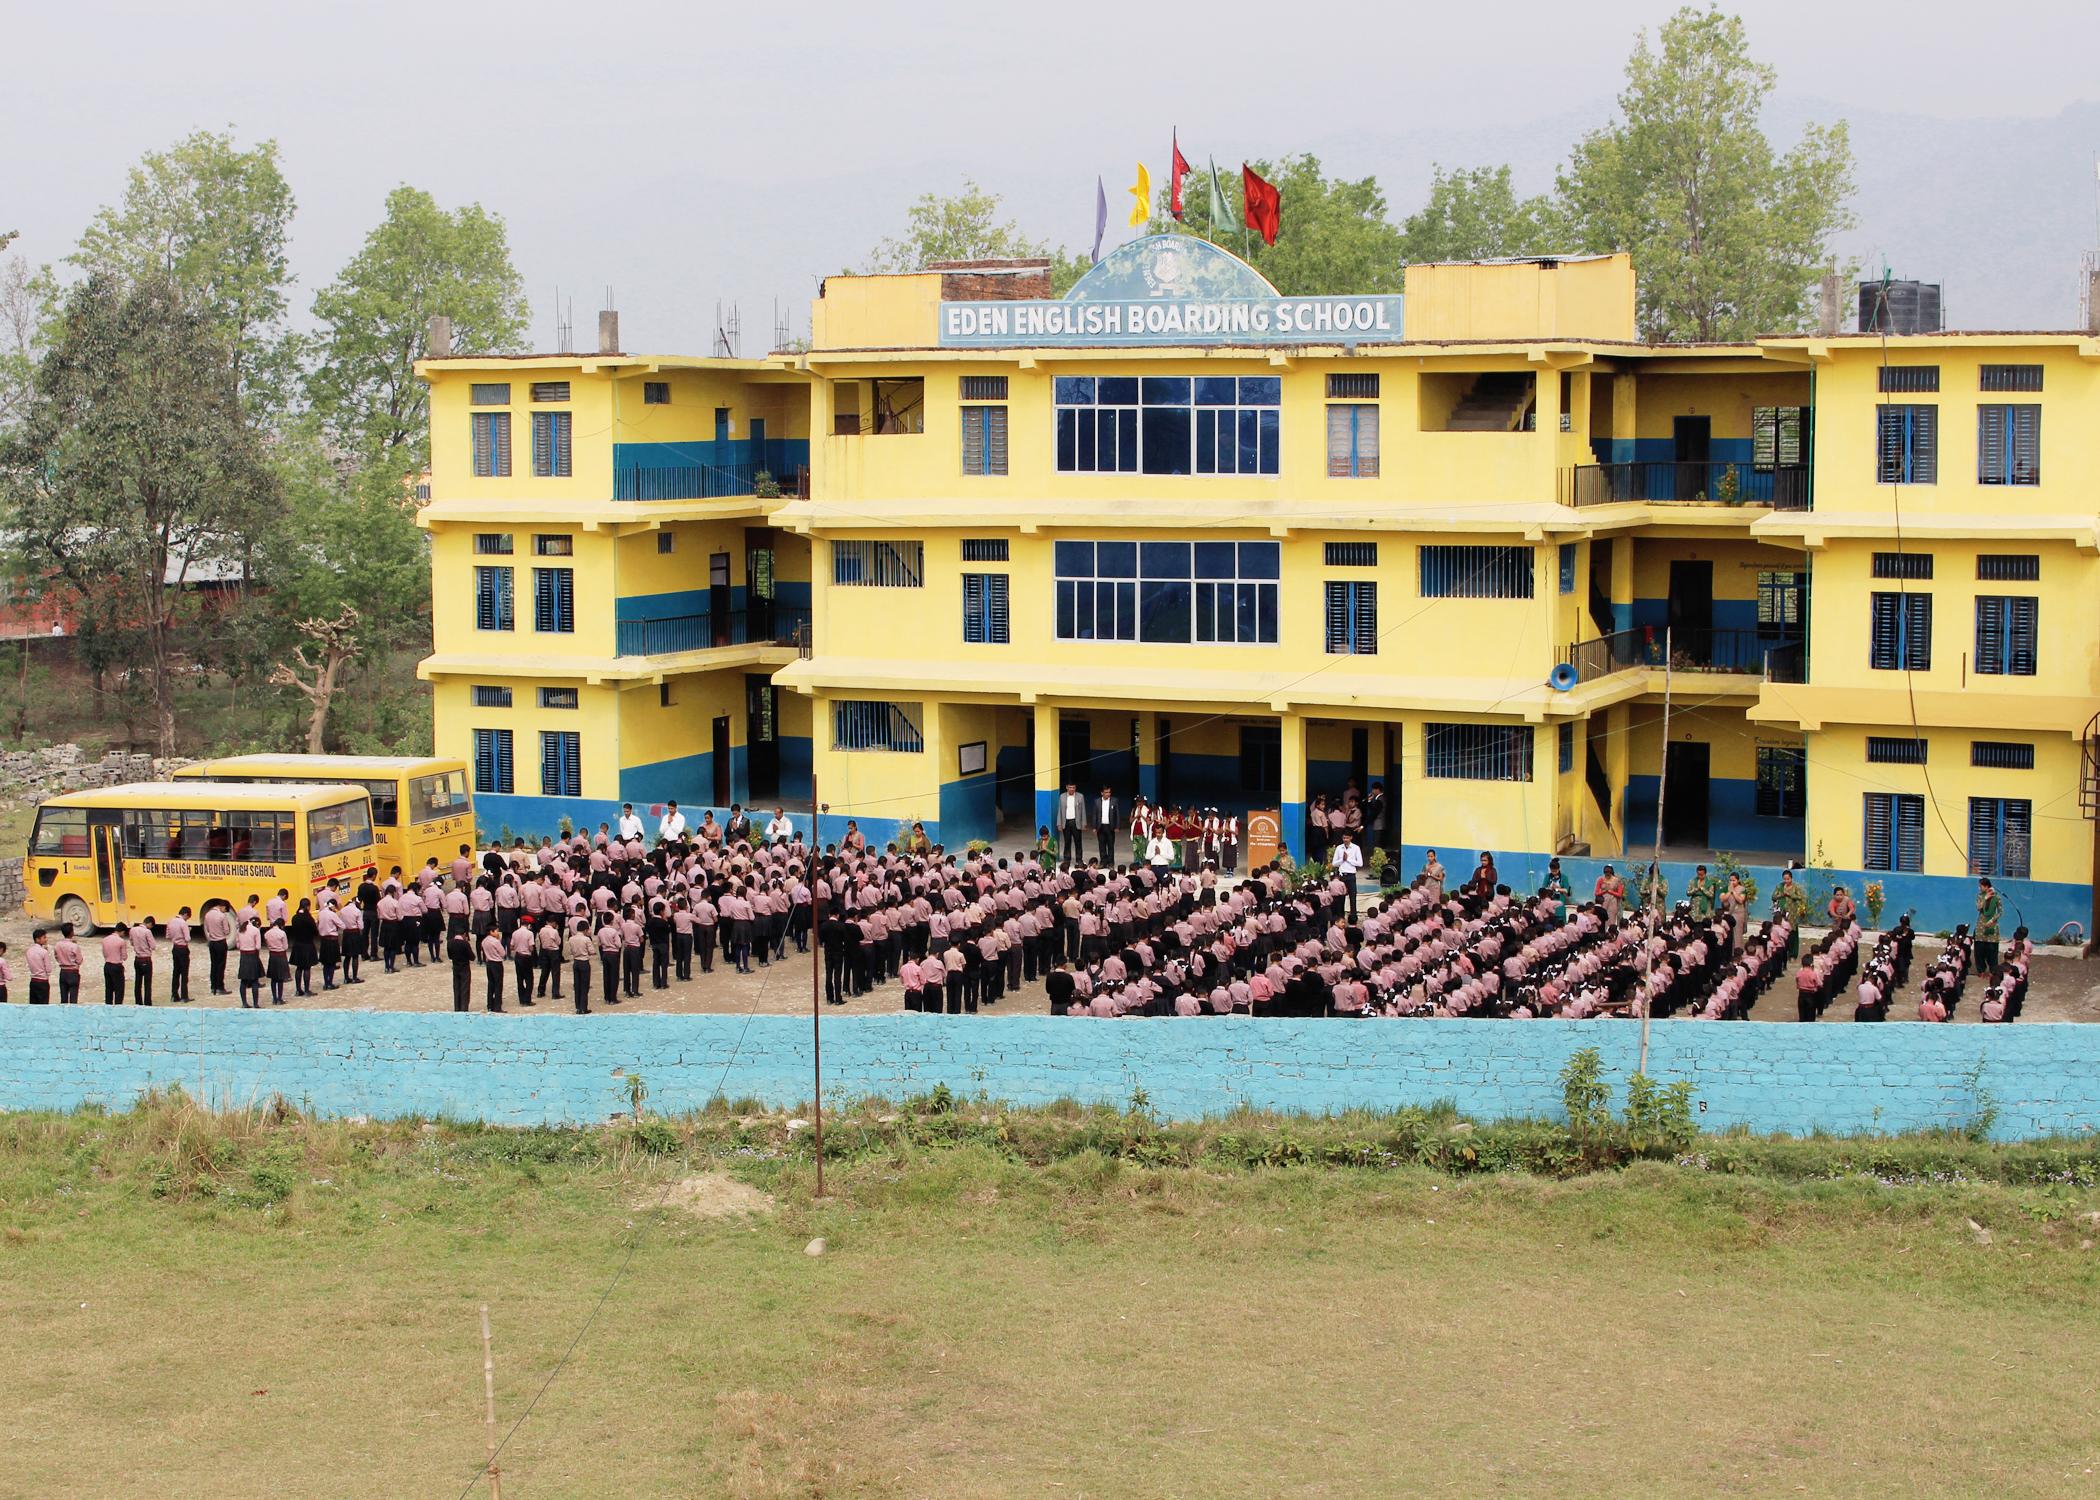 Boarding school  Wikipedia